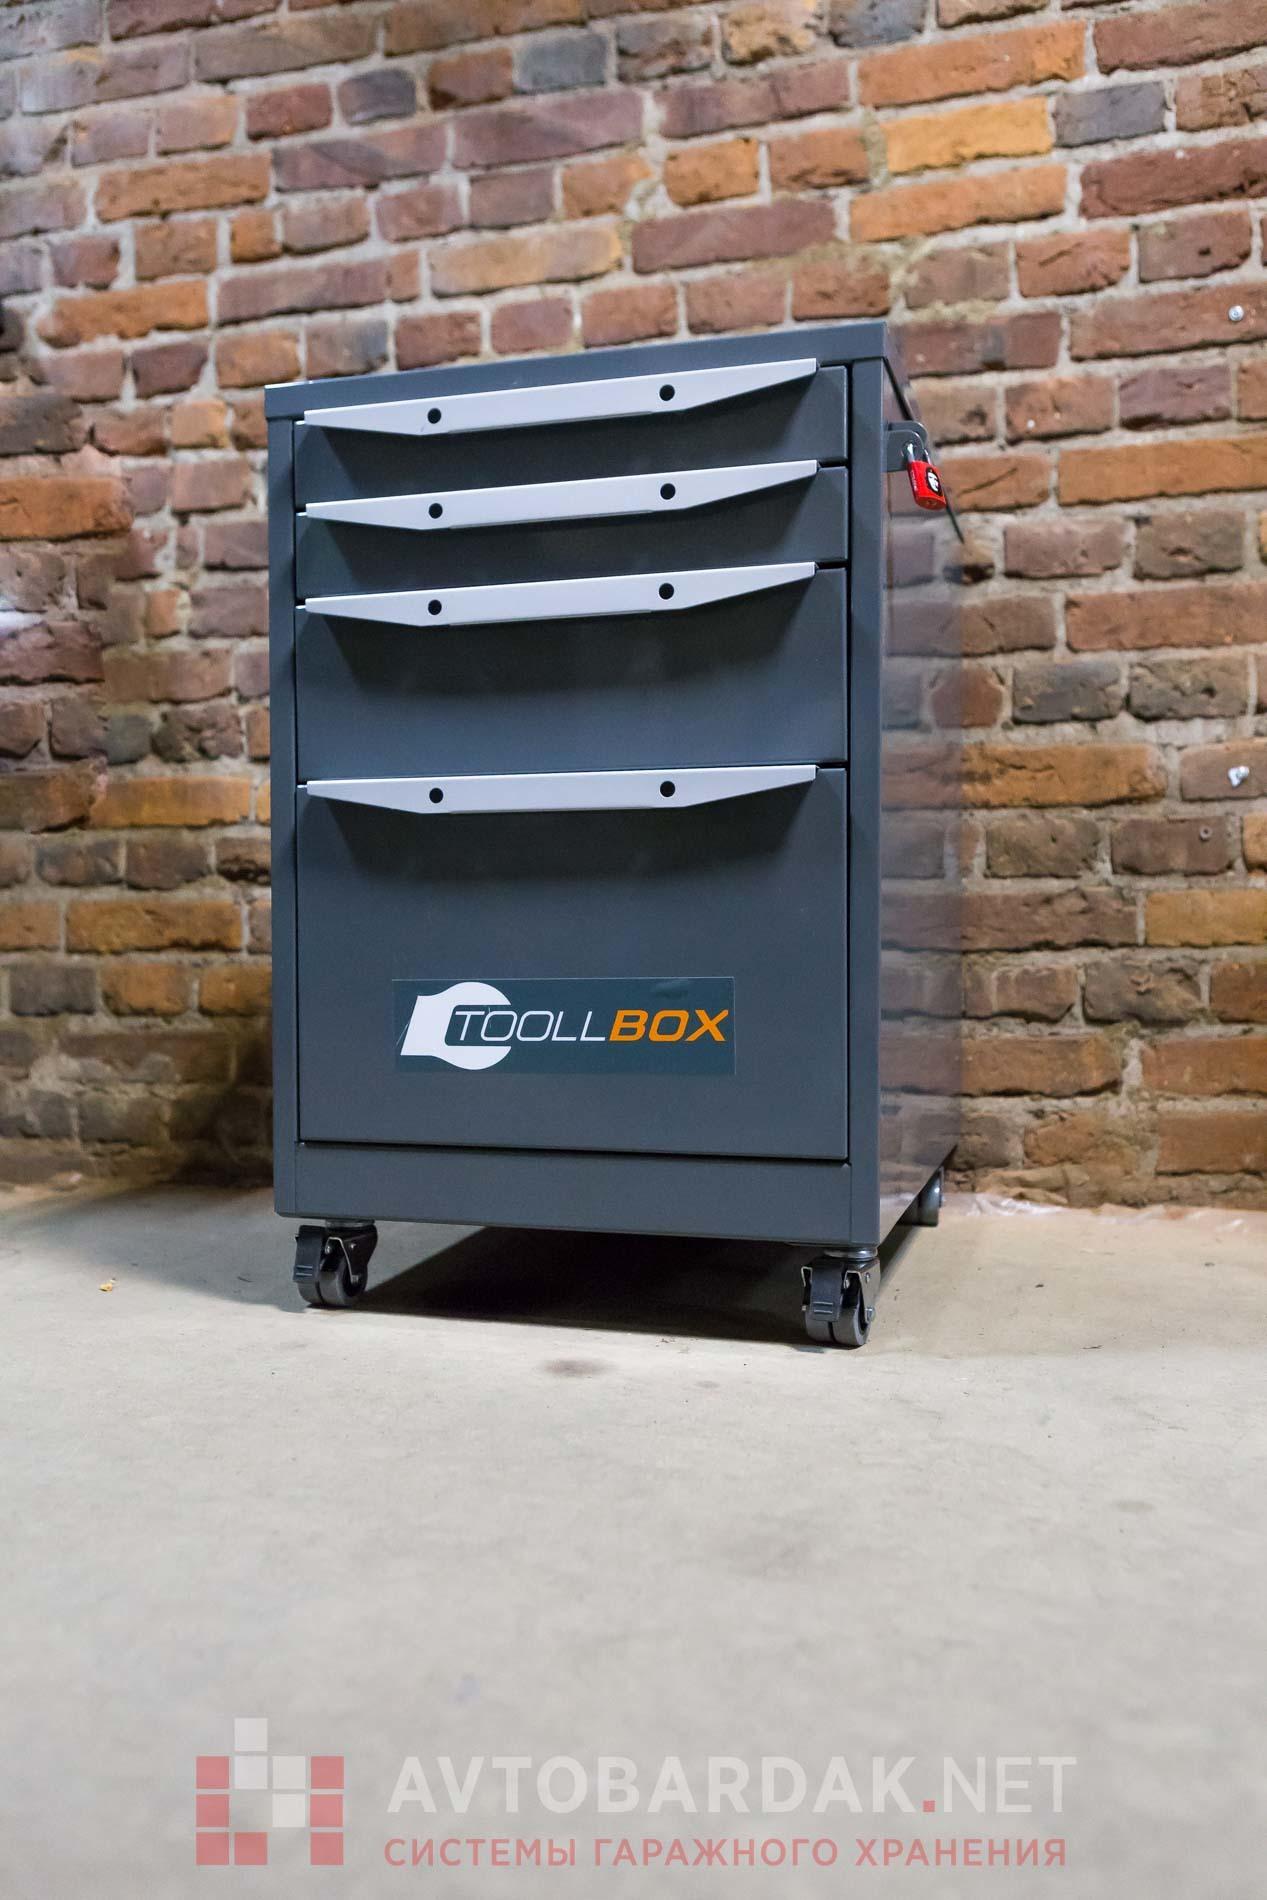 Тумба инструментальная серии ТВК на колесиках. Нагрузка 80 кг.